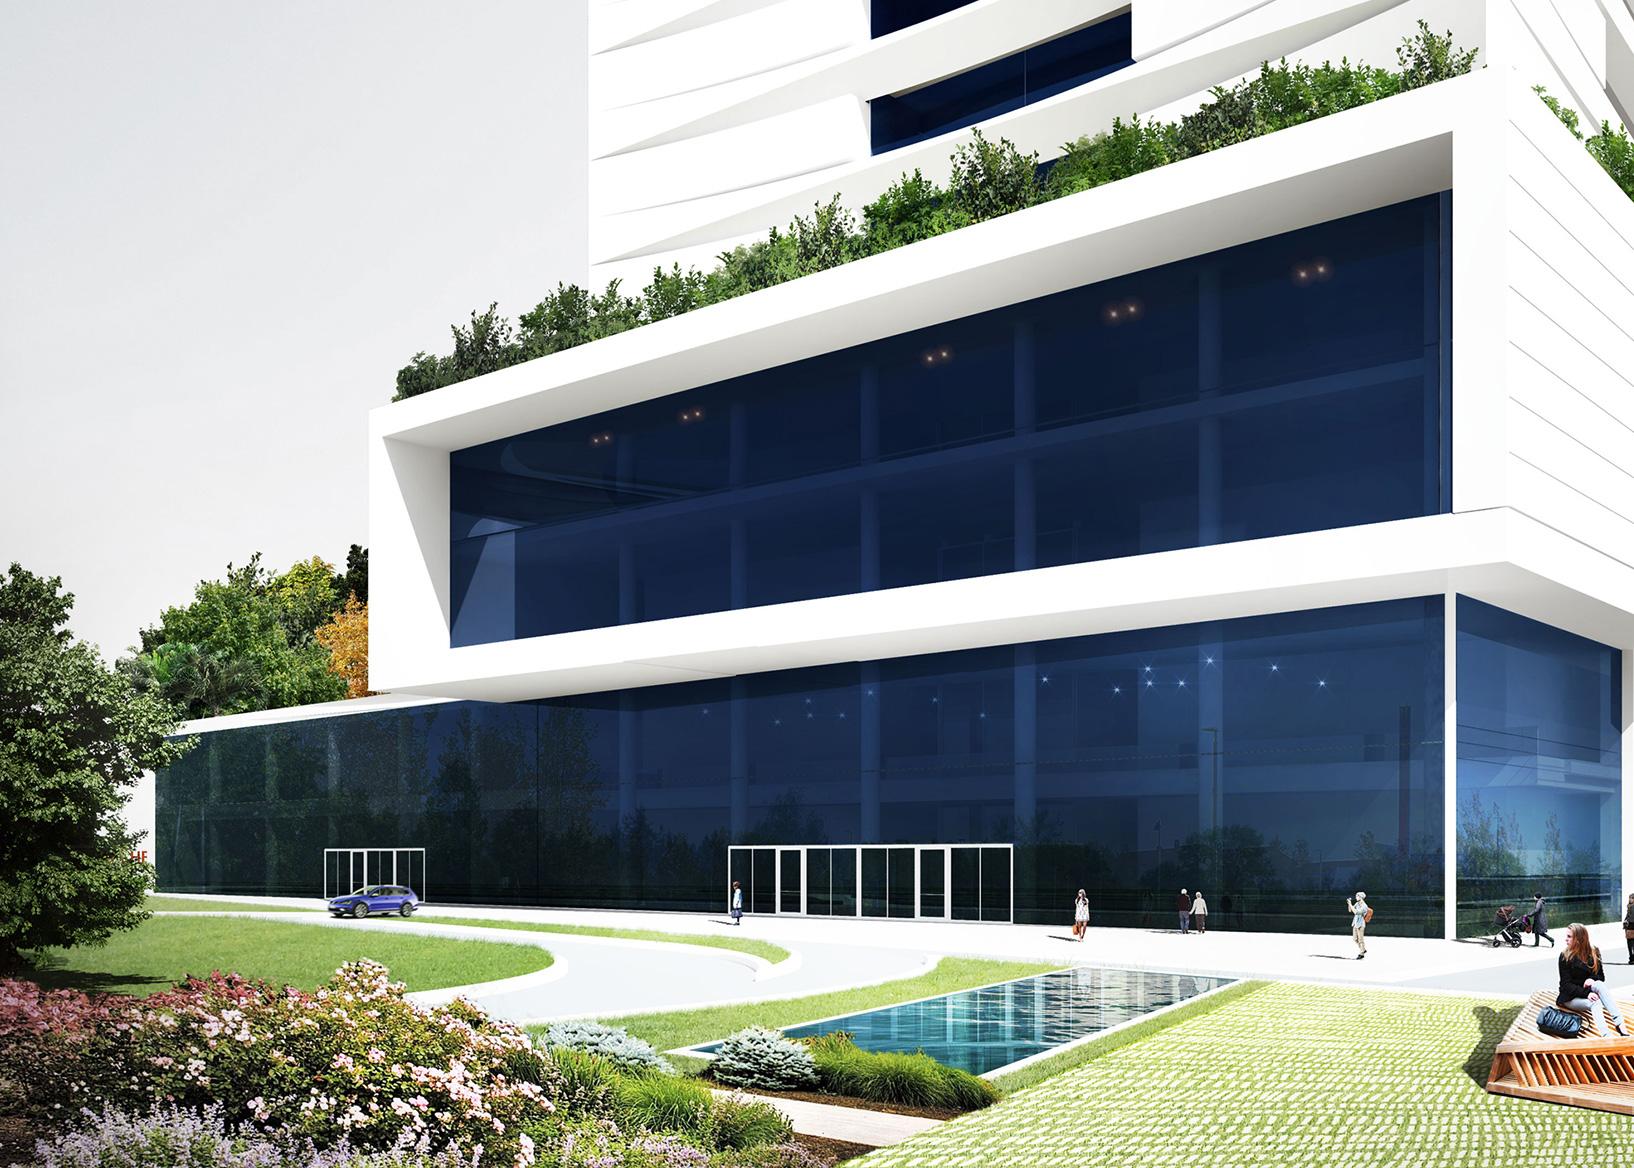 Ingegnere Ed Architetto Francesco De Benedittis, IRCCS Galeazzi, Milano, Binini Partners, Società di architettura e ingegneria